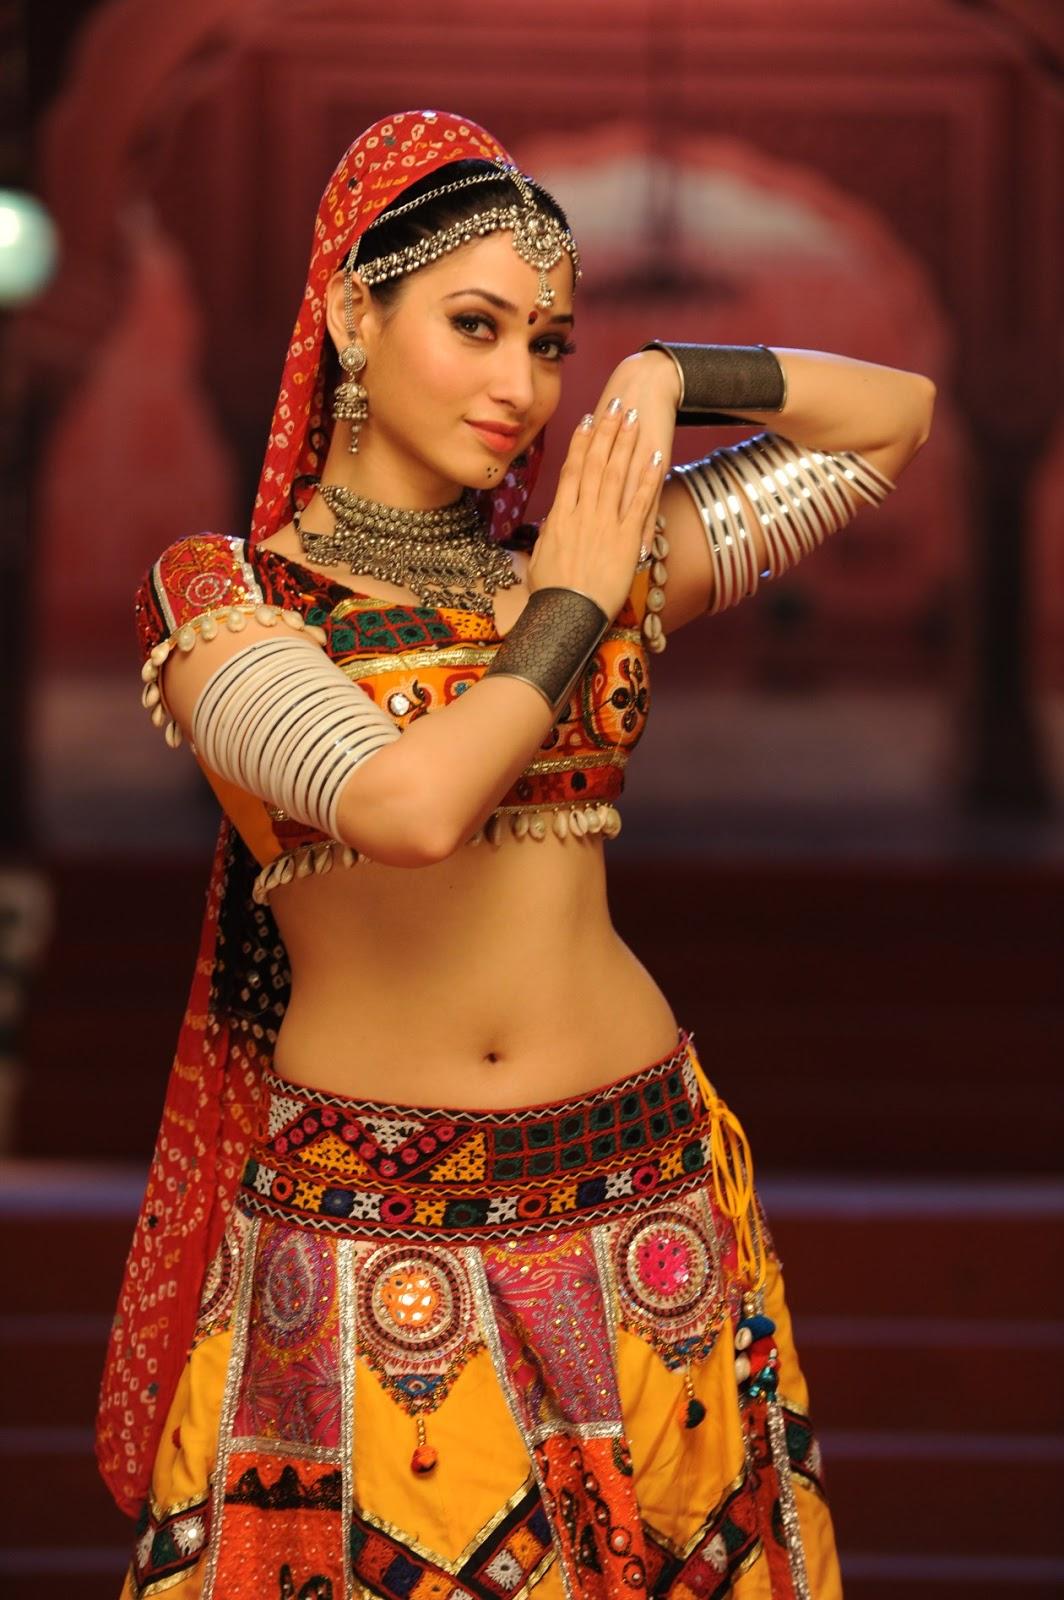 Tamanna Films: Tamanna Bhatia Pictures: Tamanna Latest Photos From Tamil